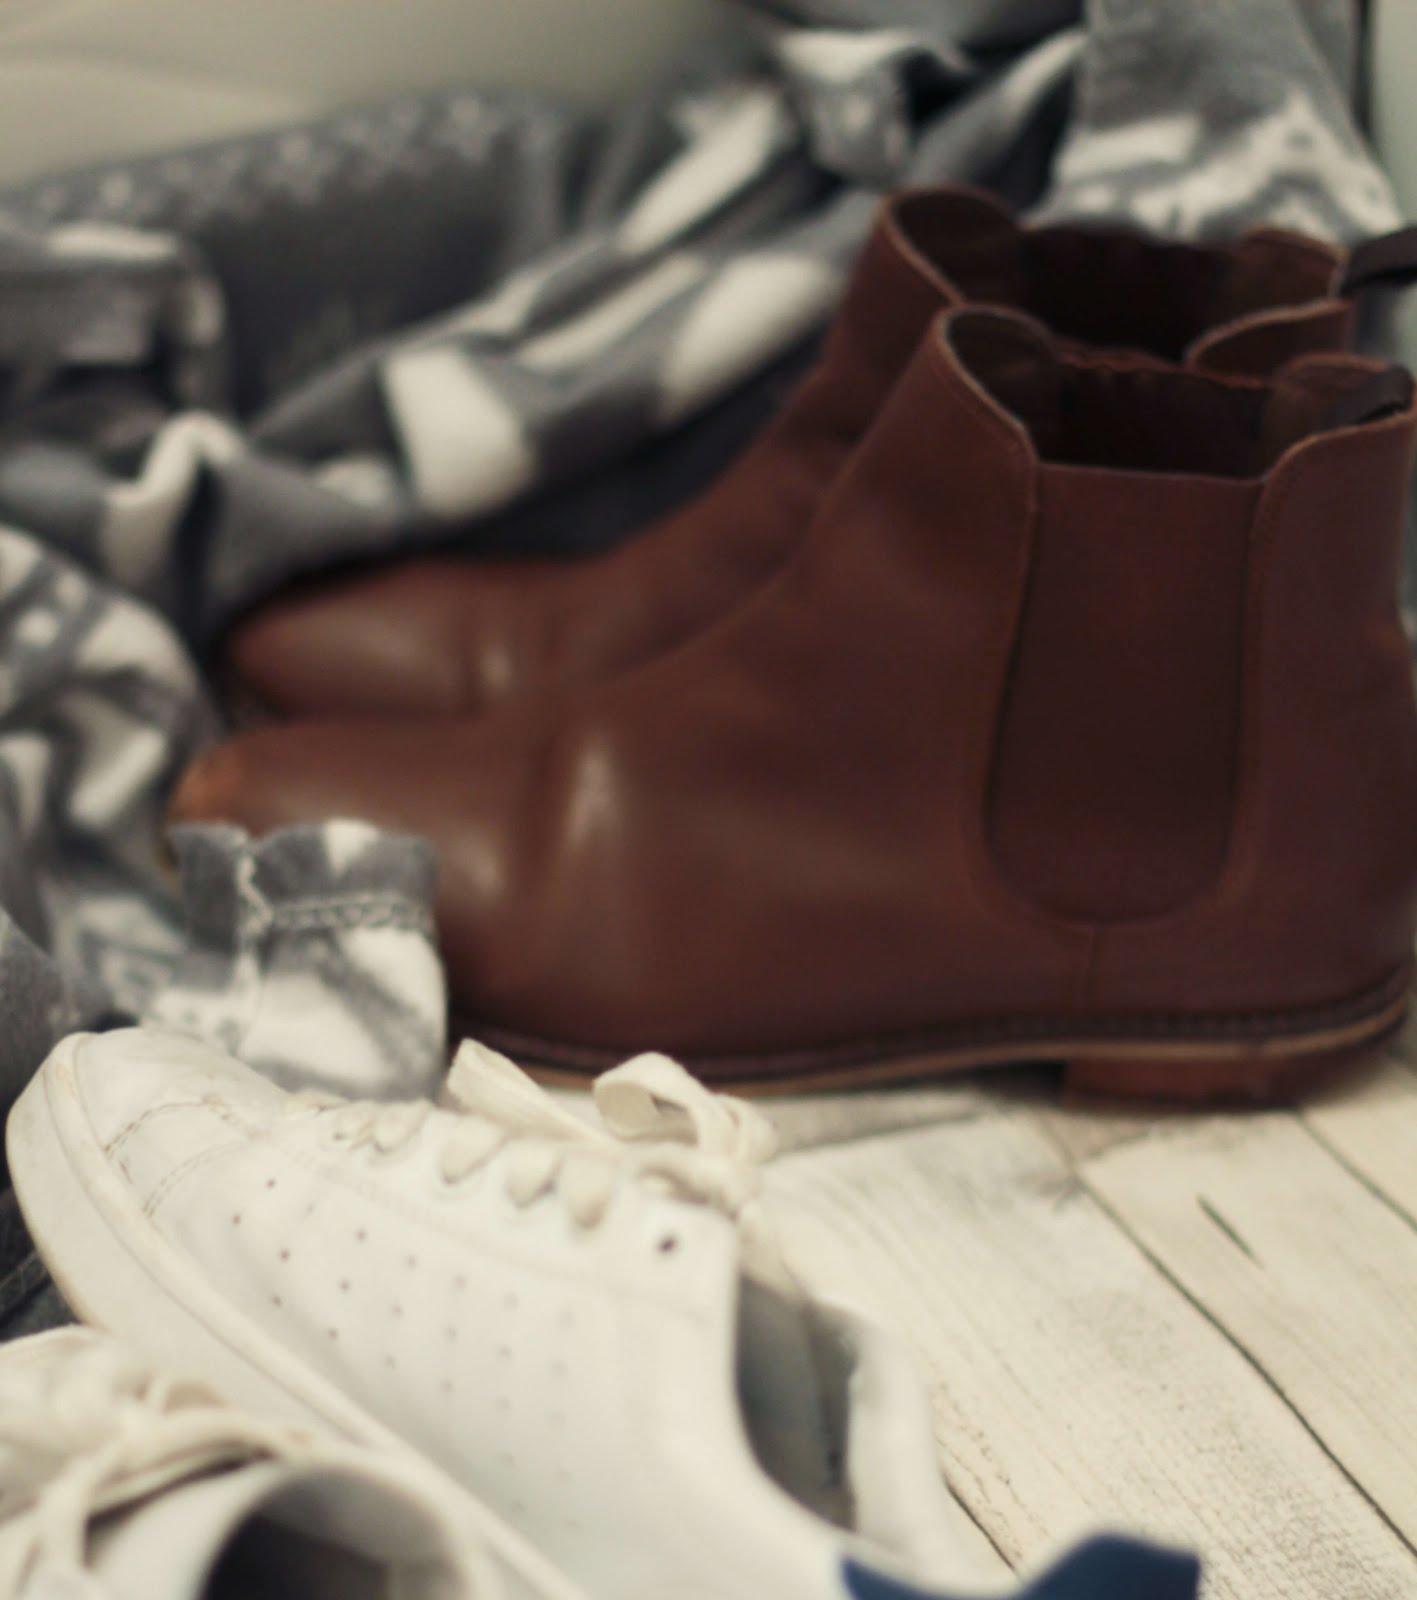 sales assistant survival tips - wear flat shoes